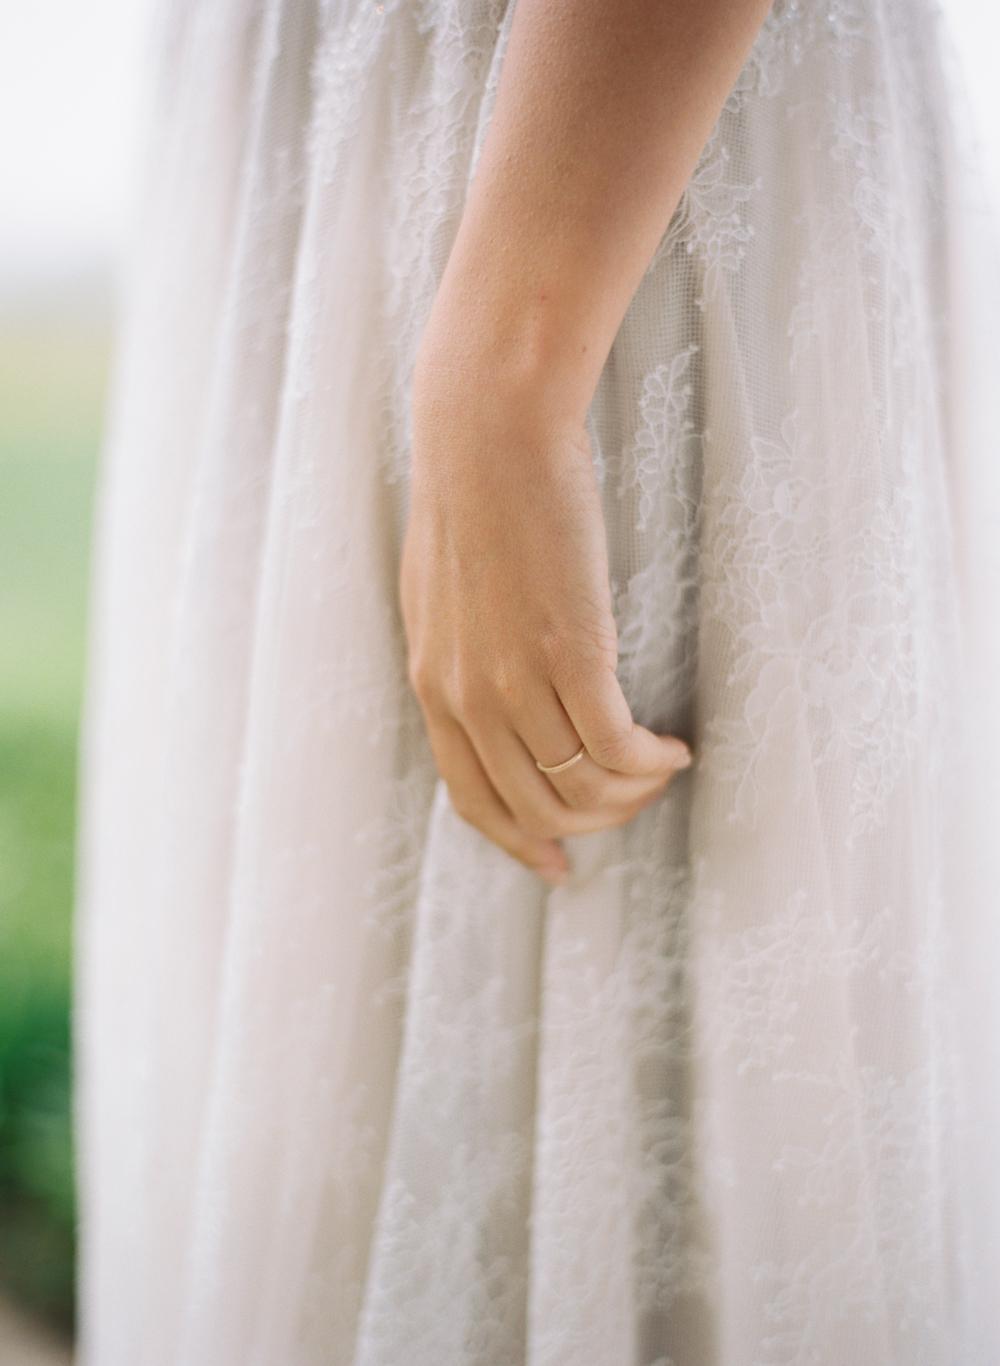 wedding-ring-lifestyle-photographer-elisa-bricker